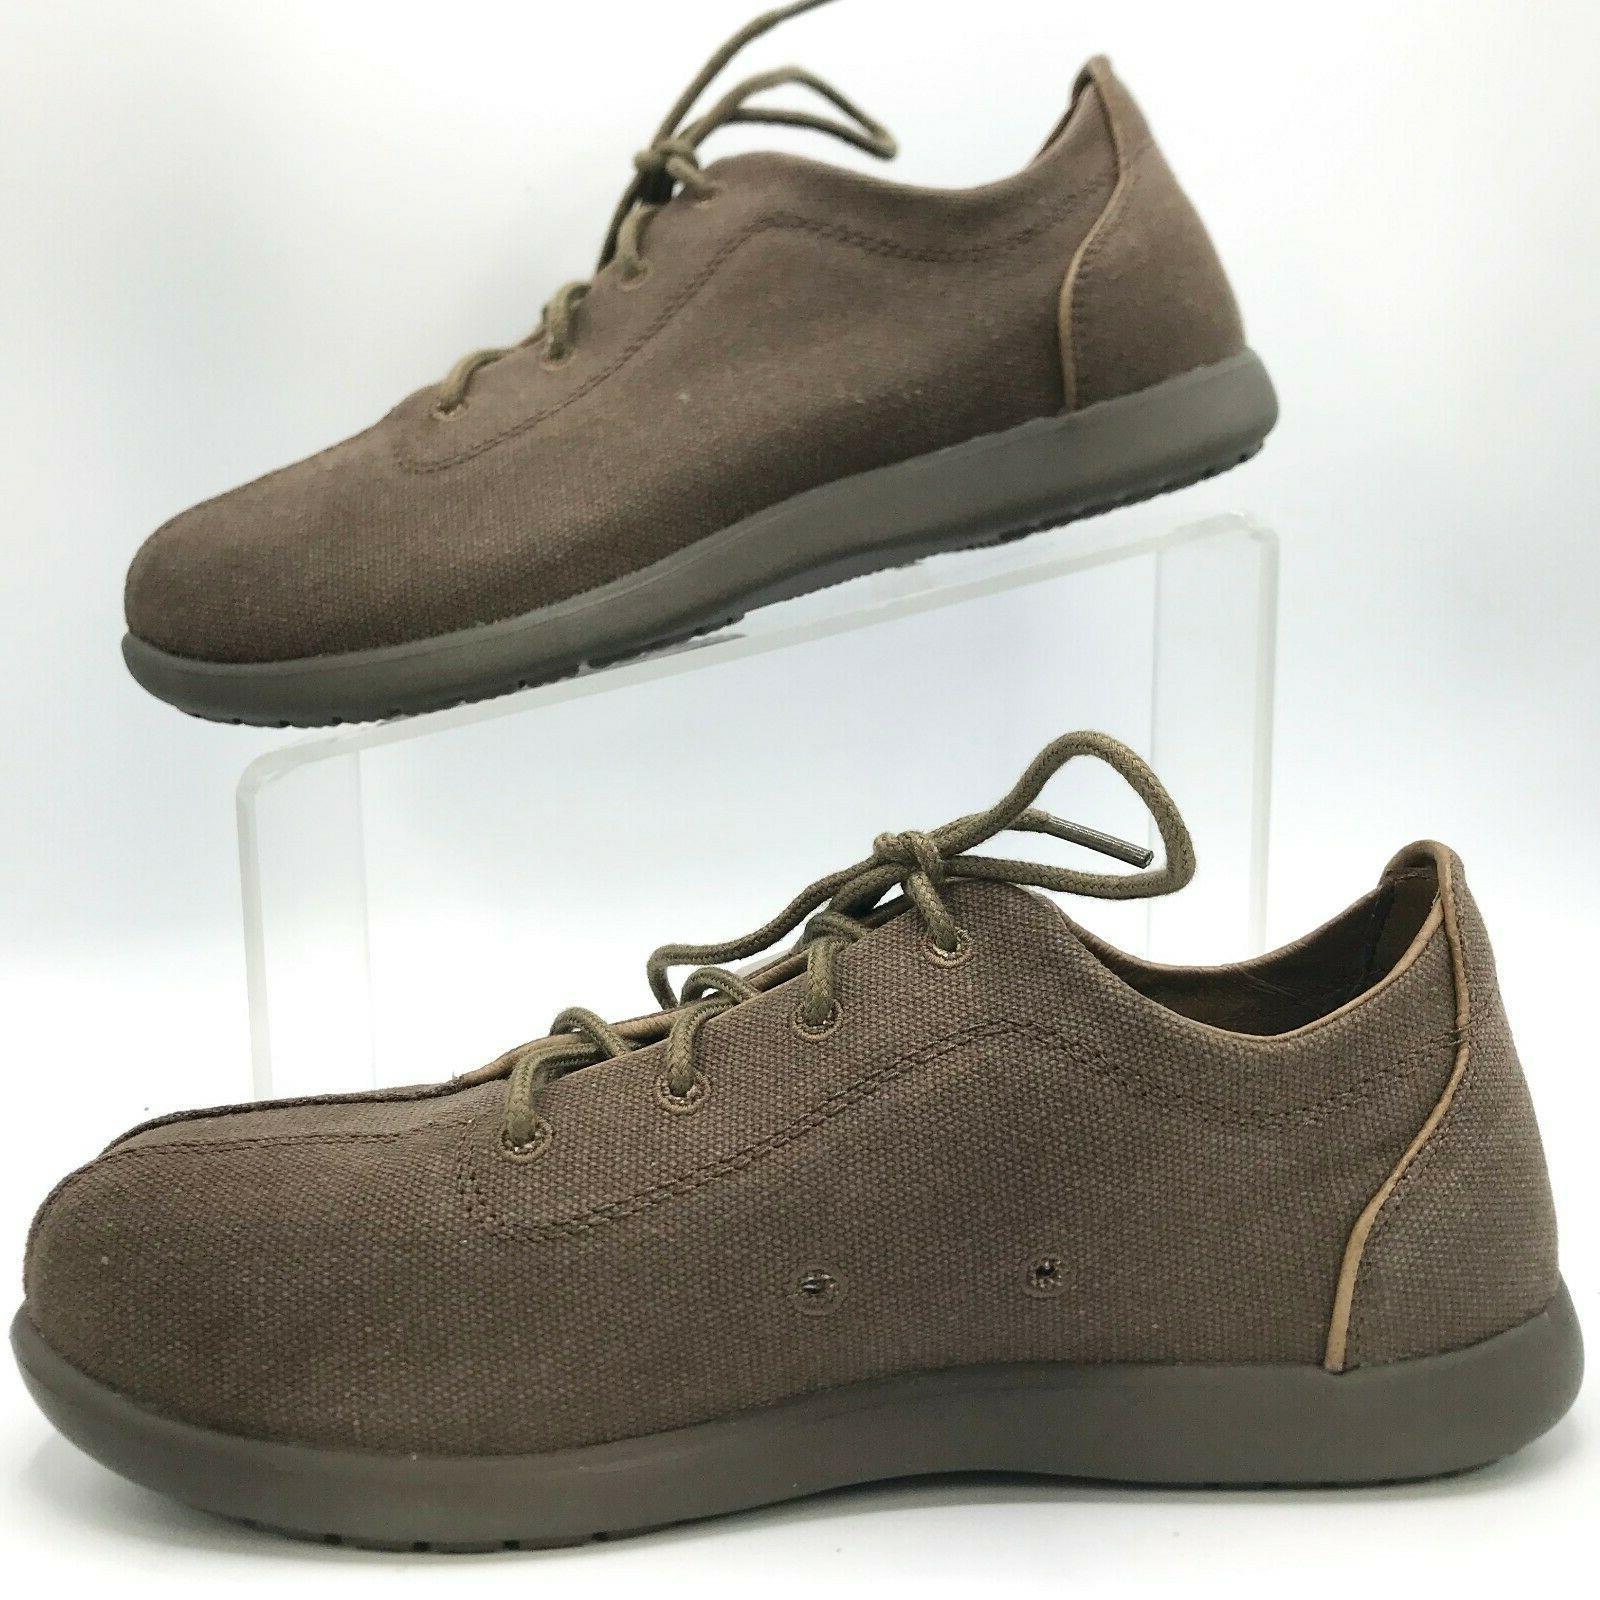 CROCS Canvas Chocolate Lace Up Shoe